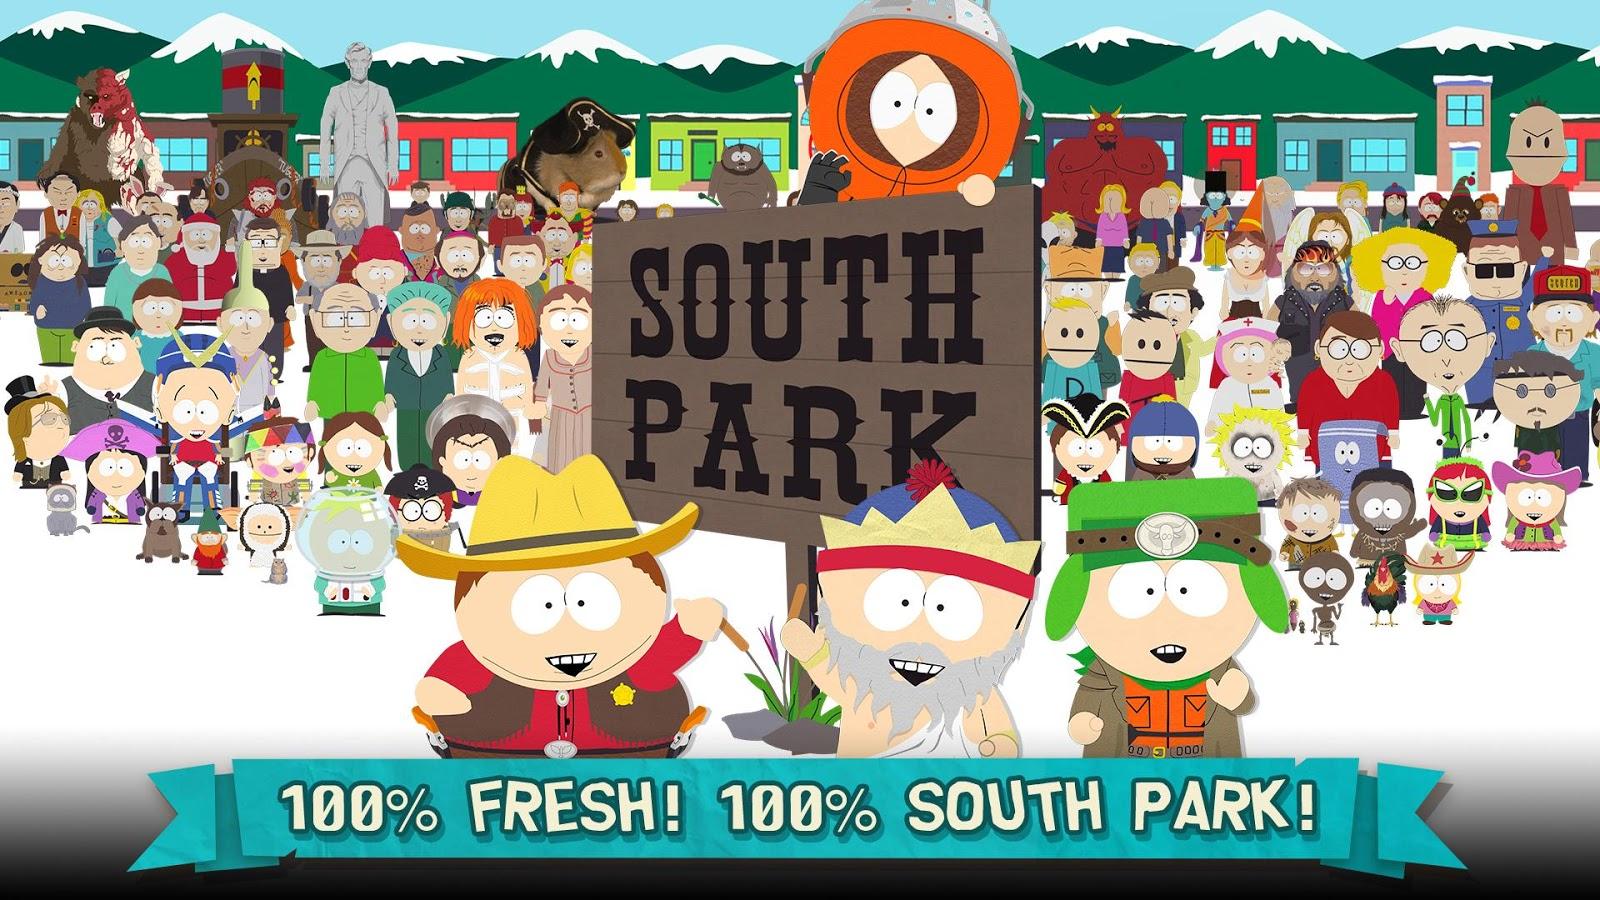 دانلود رایگان بازی پارک جنوبی : تخریب گر تلفن South Park: Phone Destroyer™